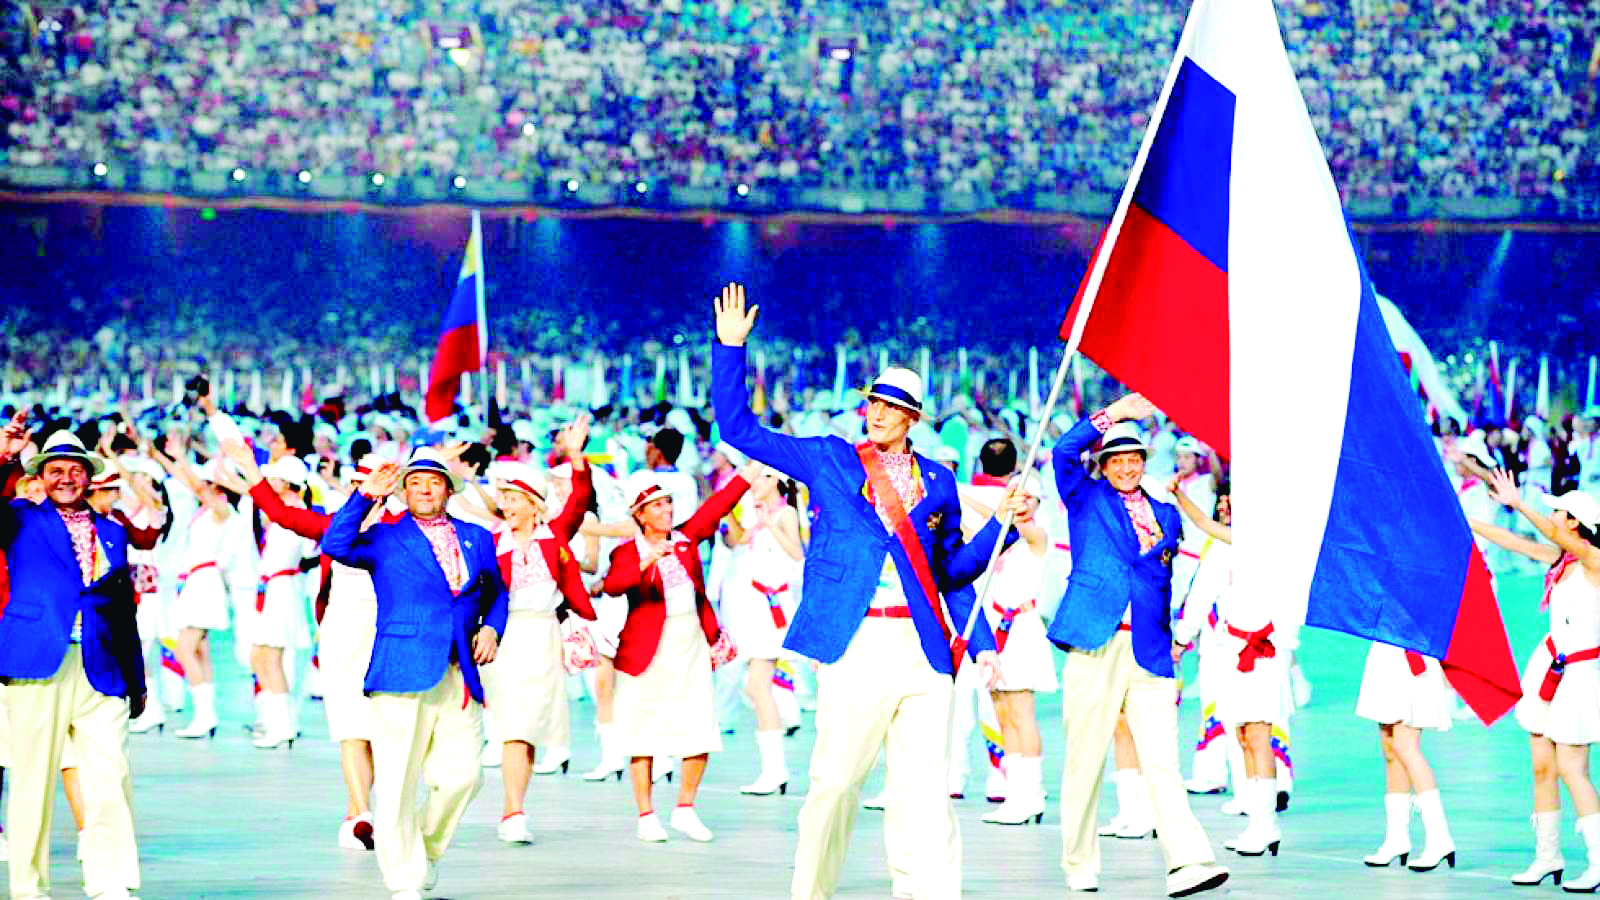 Rusia excluida del deporte mundial | Internacional | Deportes | EL FRENTE